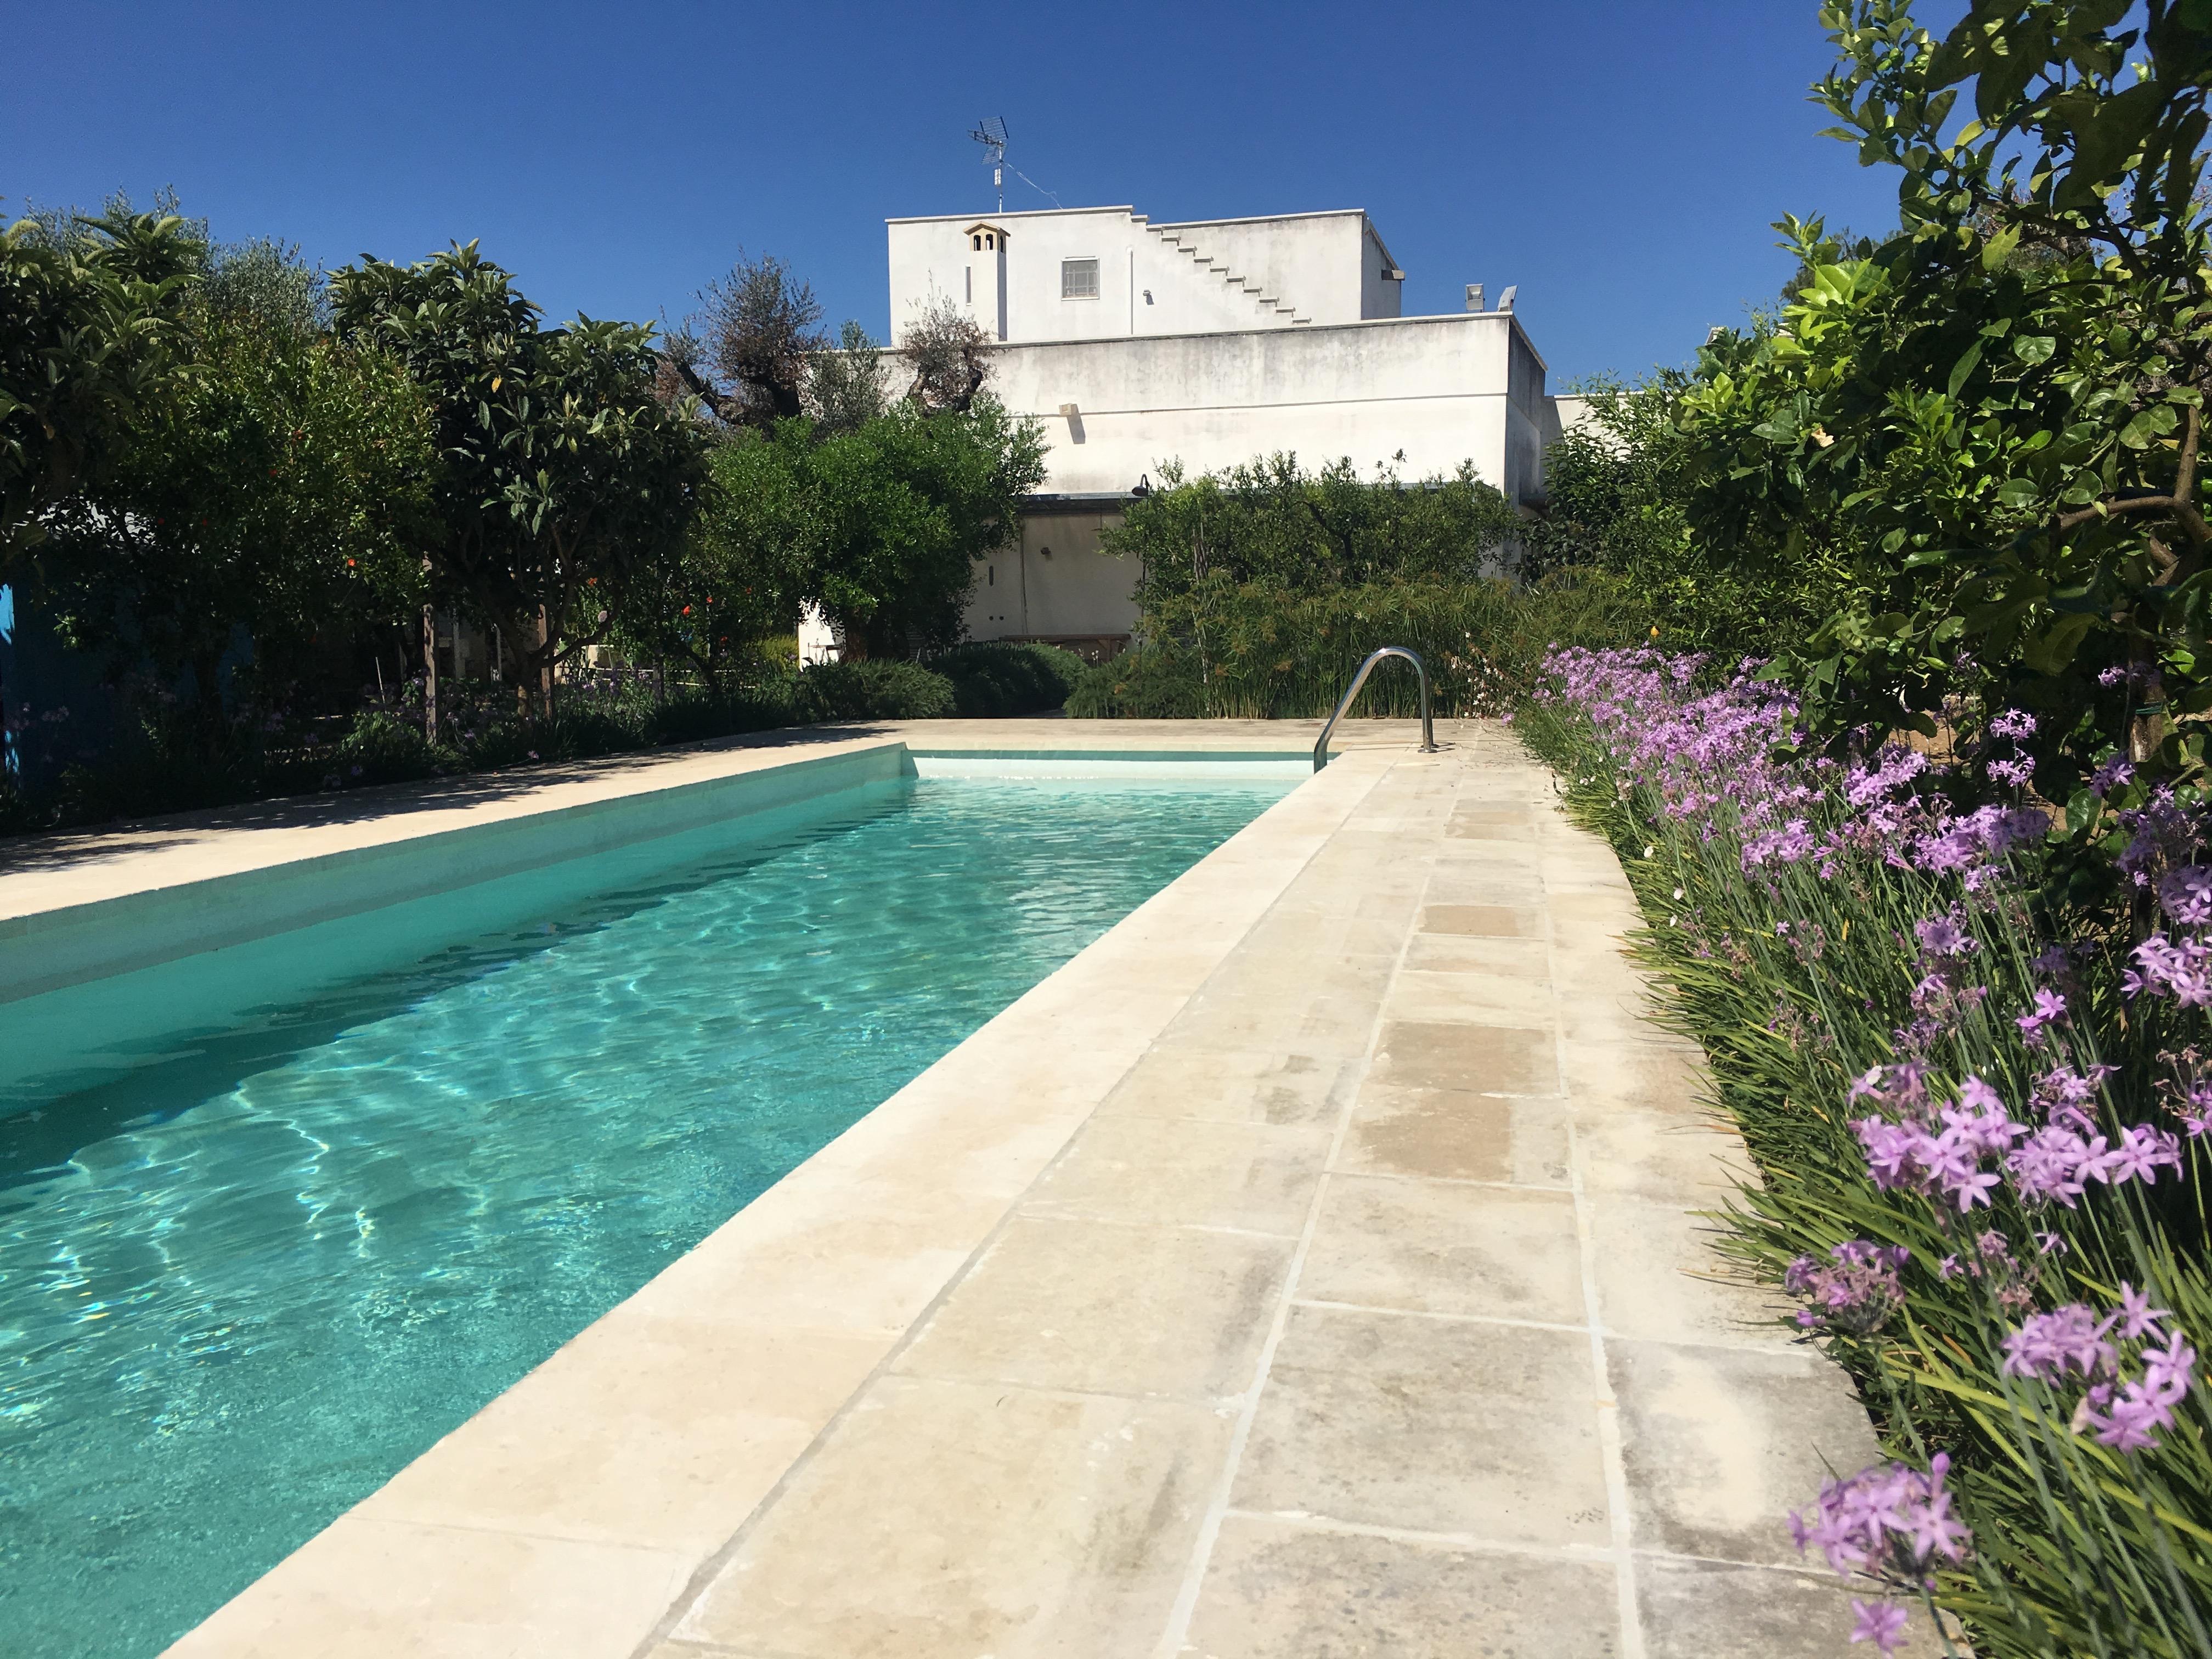 Le nostre realizzazioni di piscine a lecce e provincia solo il meglio - Piscine caserta e provincia ...